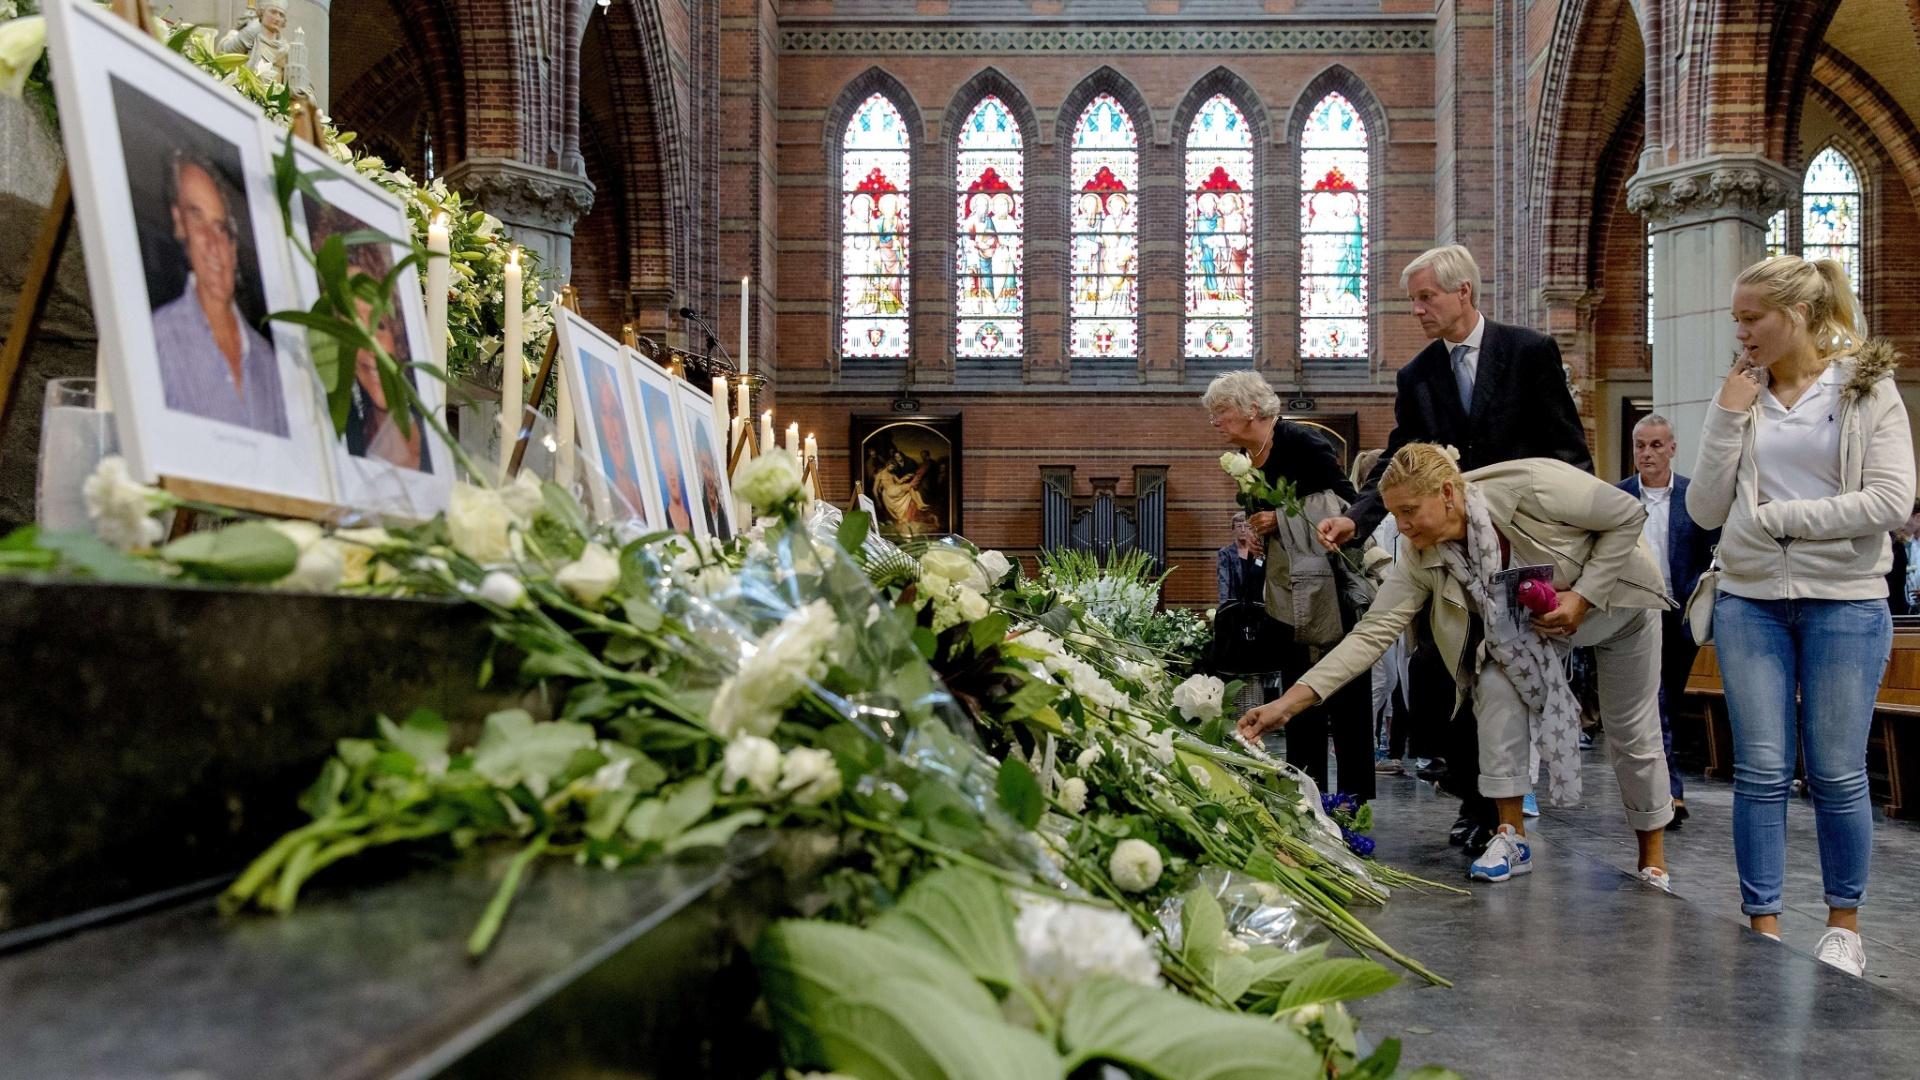 17.ago.2014 - Visitantes colocam flores no altar da igreja Sint-Vitus, em Hilversum, na Holanda, próximo às fotos das vítimas do voo MH17 da Malaysia Airlines, que foi derrubado no leste da Ucrânia no dia 17 de julho. Um mês após a tragédia do voo MH17 no leste da Ucrânia, ainda há um longo esforço de investigação pela frente, sobretudo na Holanda - país de origem da maioria das vítimas